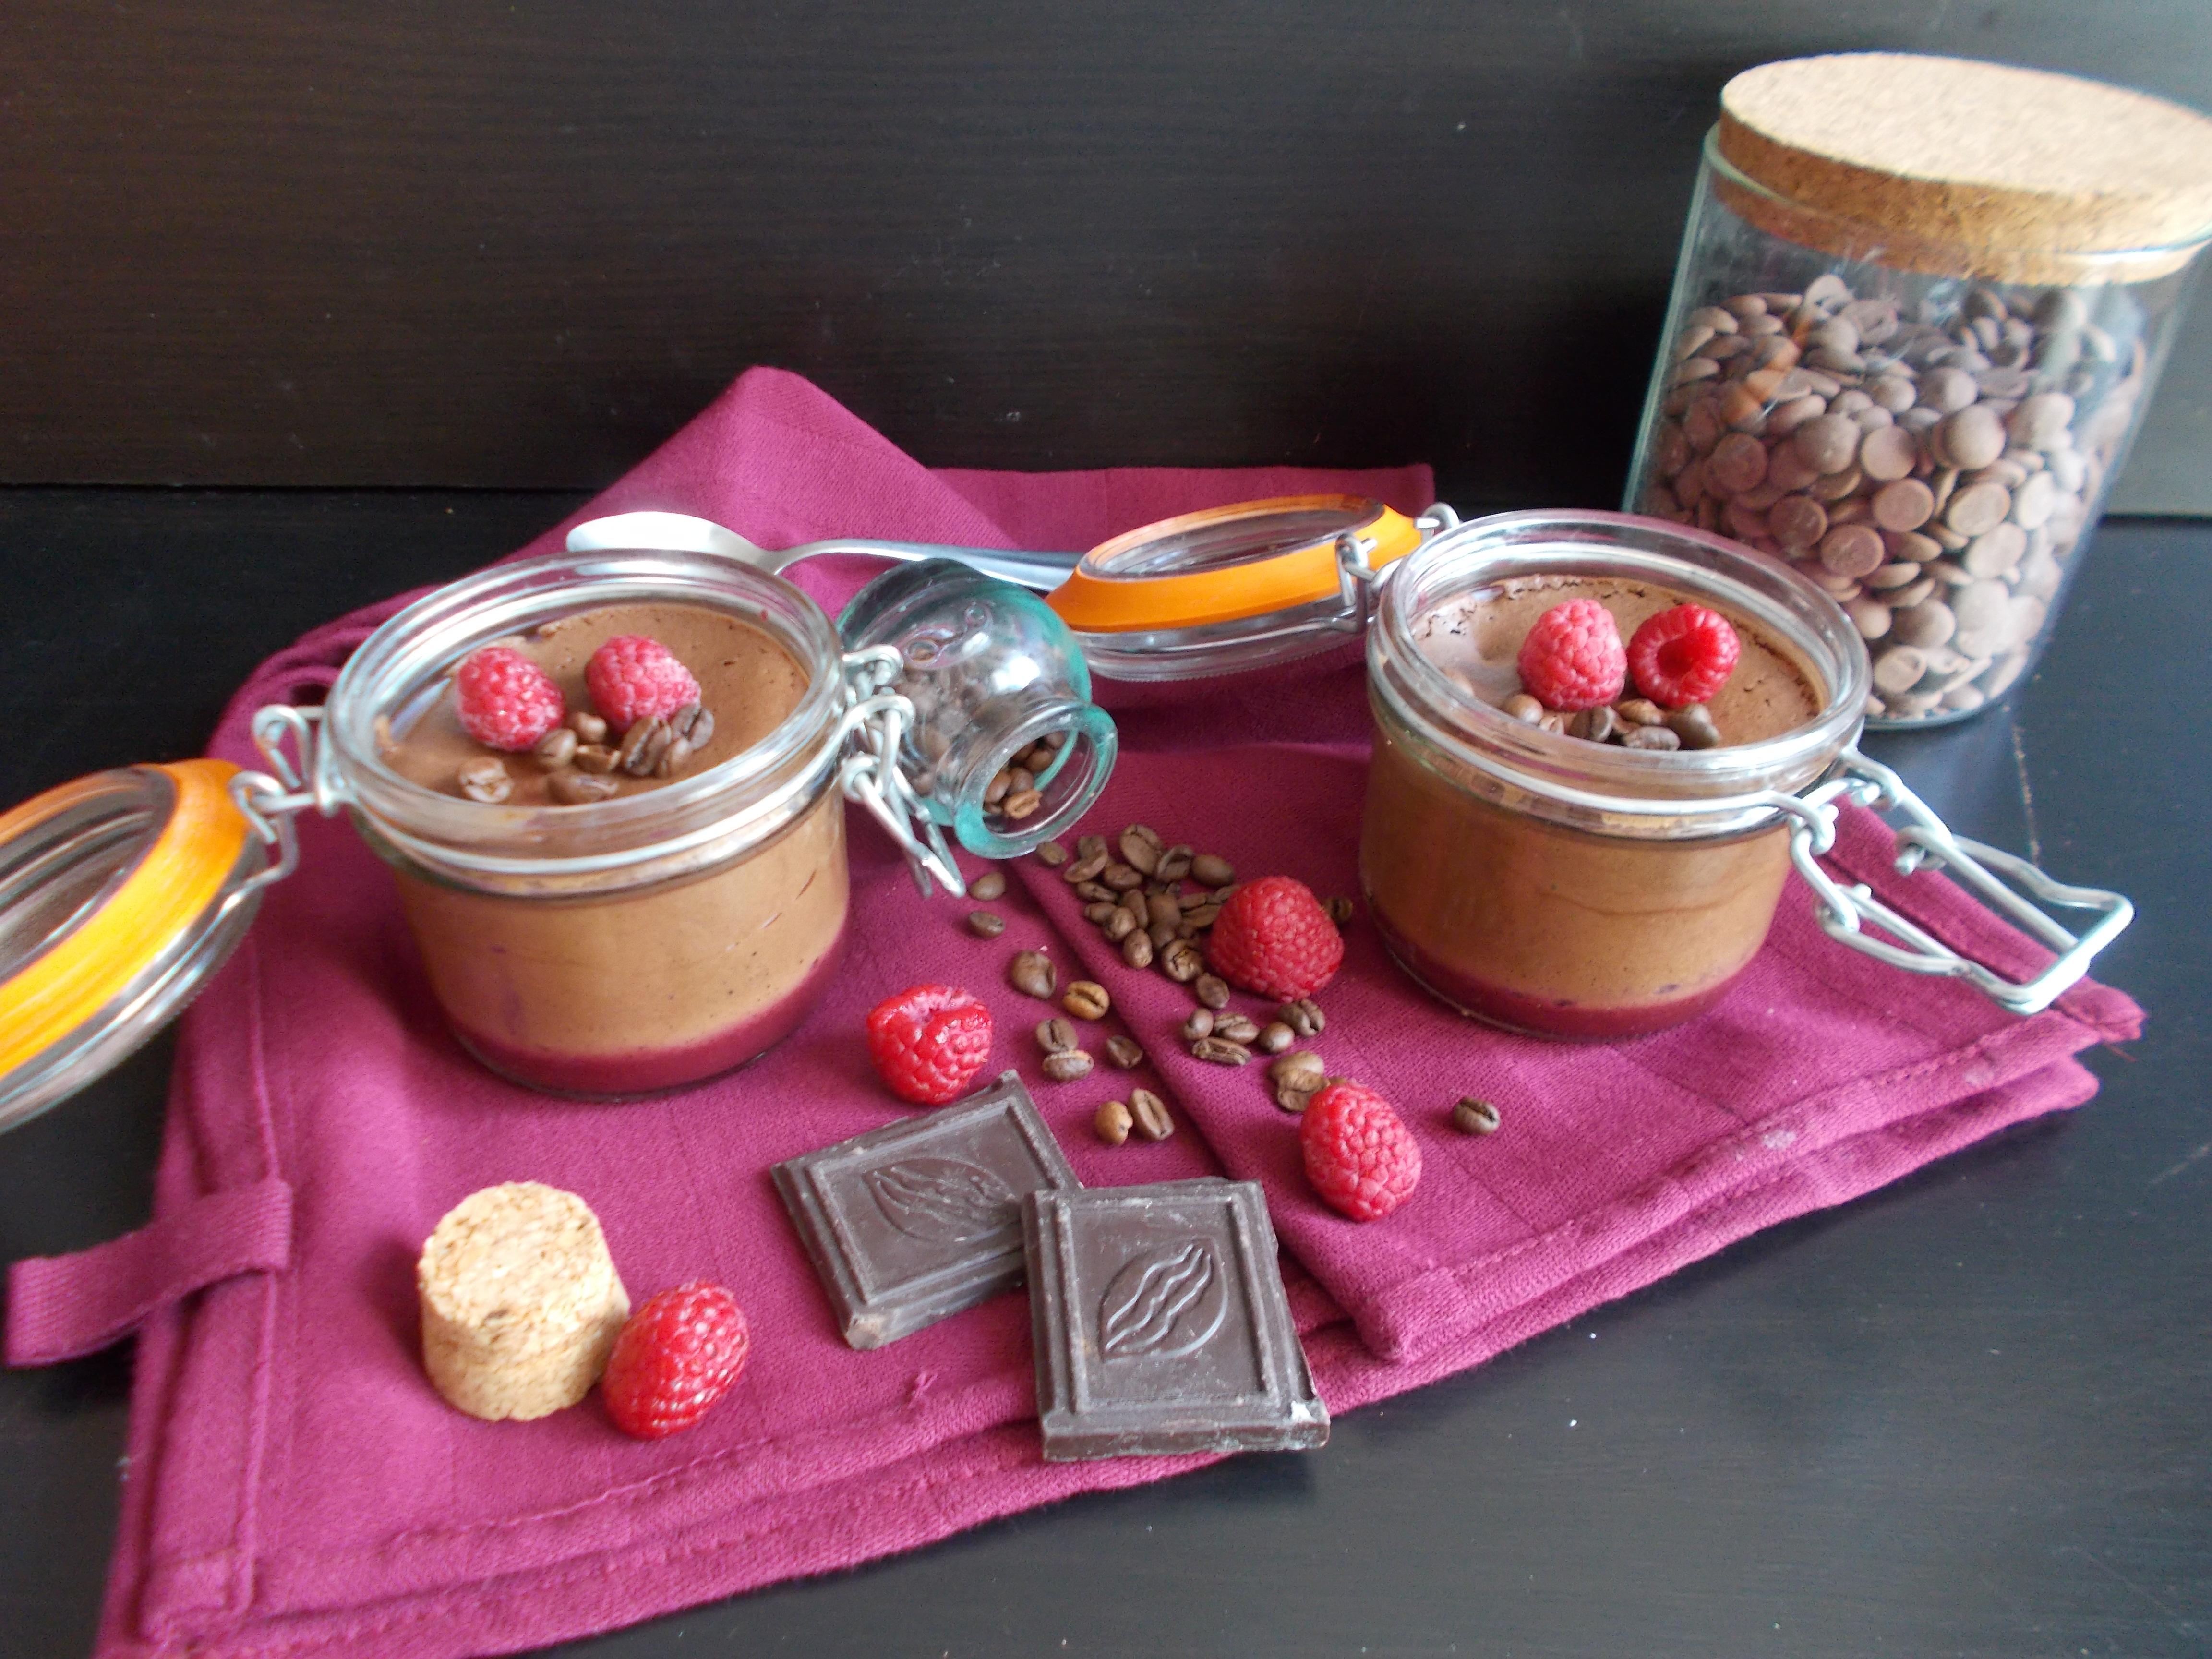 Mousse au chocolat, framboise et café